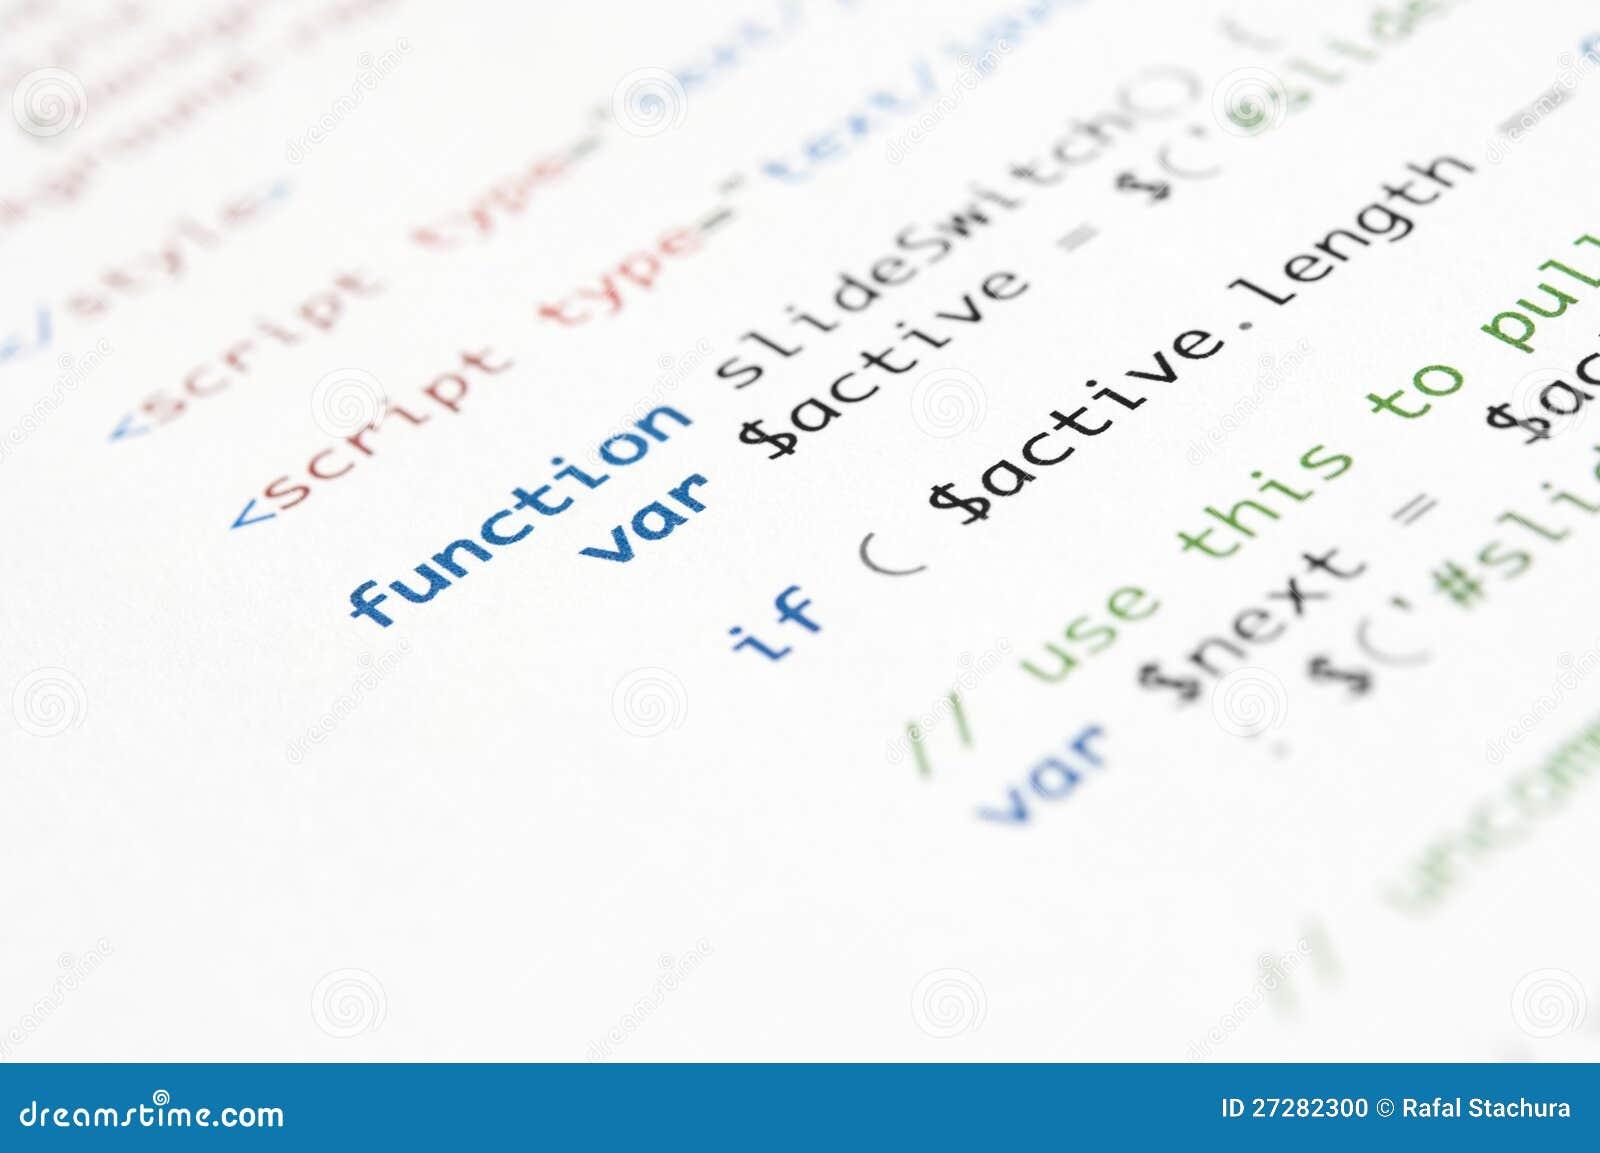 Séquence type de HTML